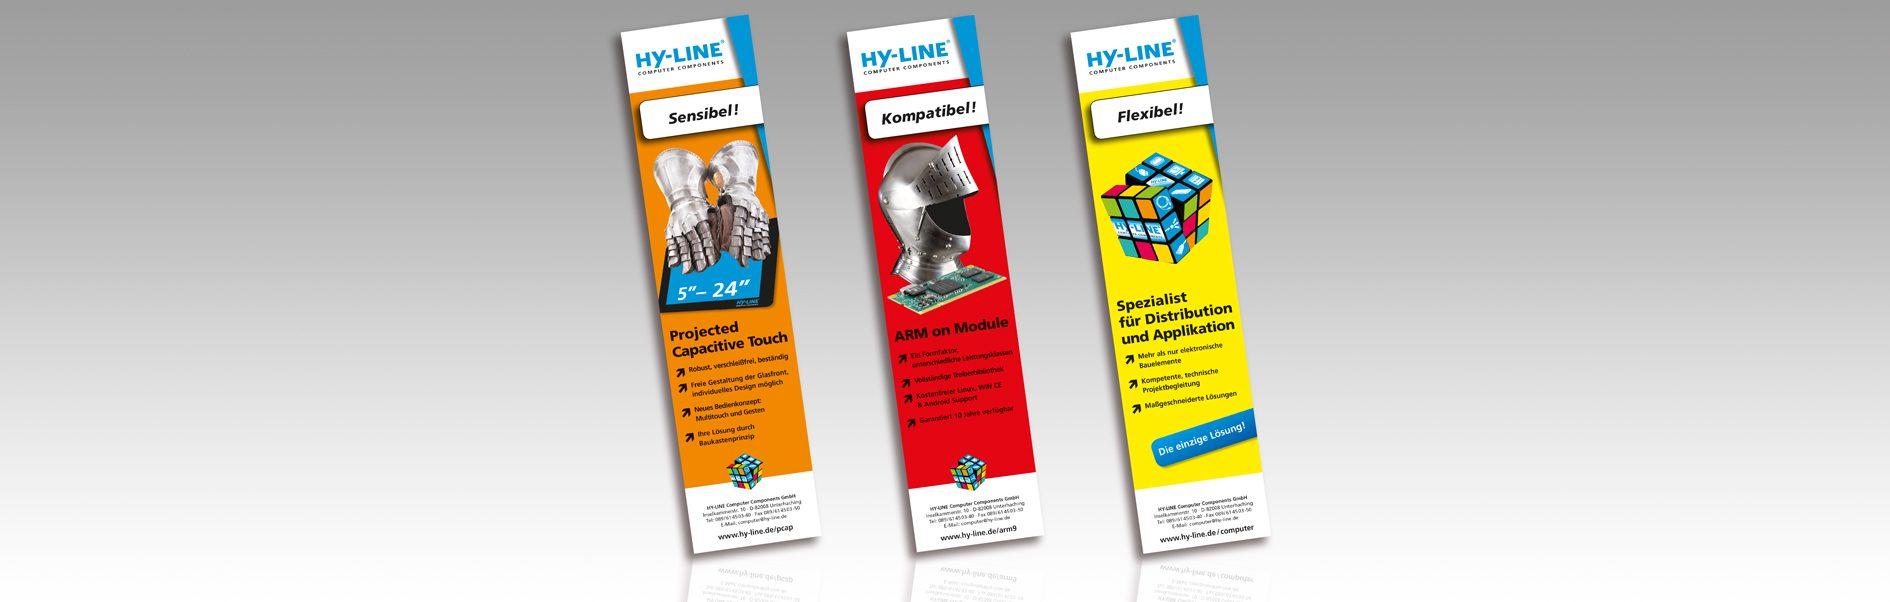 Hier sind die 3 verschiedenen Anzeigen der Anzeigenkampagne von 2013 abgebildet.